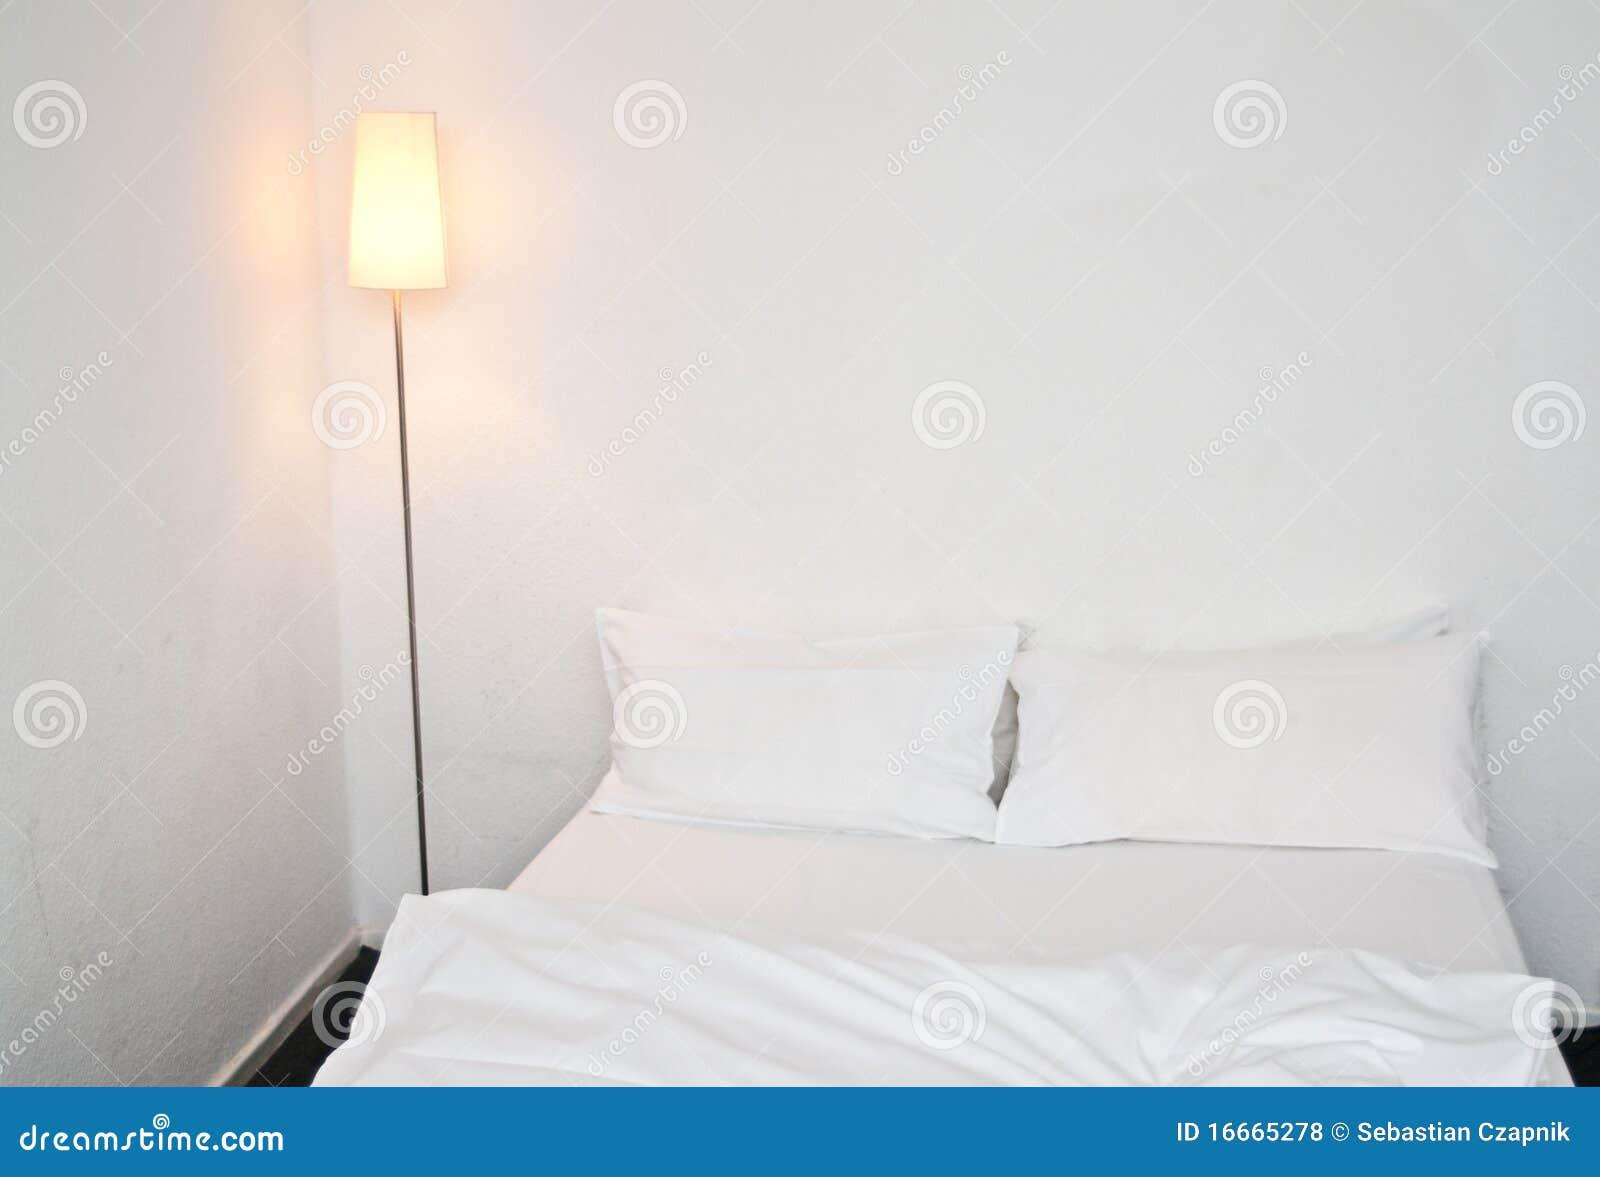 Slaapkamer In Kubus : Tweepersoonsbed in witte slaapkamer stock foto afbeelding